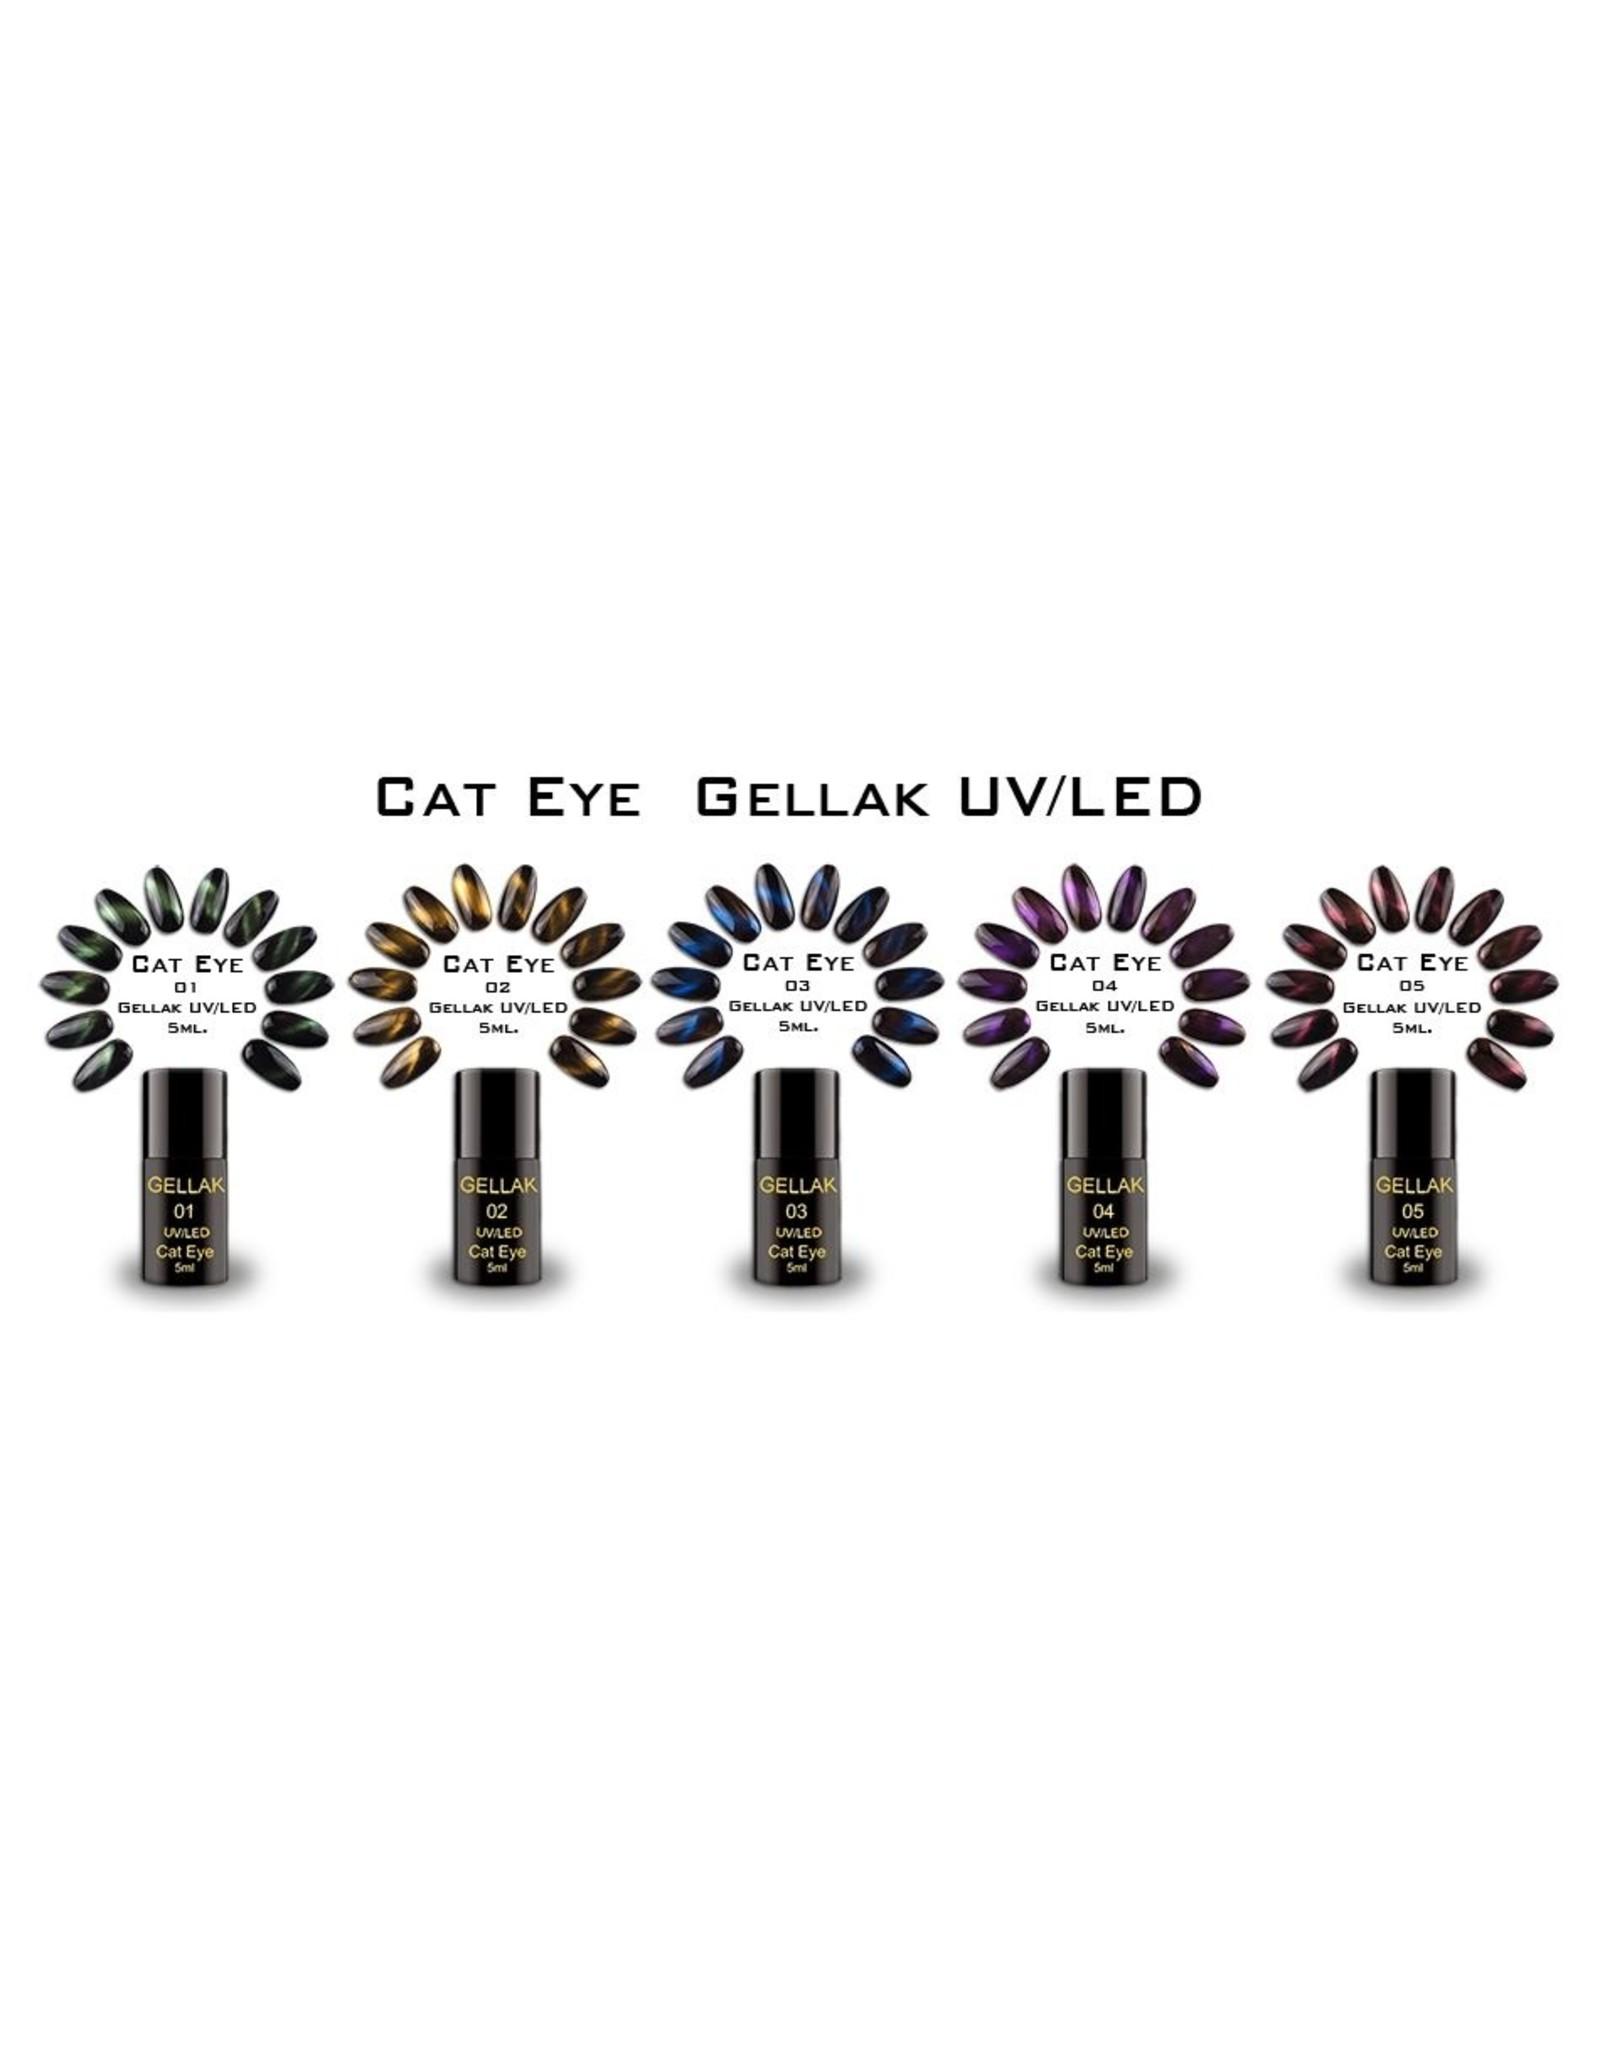 Coconails Cat Eye Set - 5 stuks + Magneet standaard GRATIS!